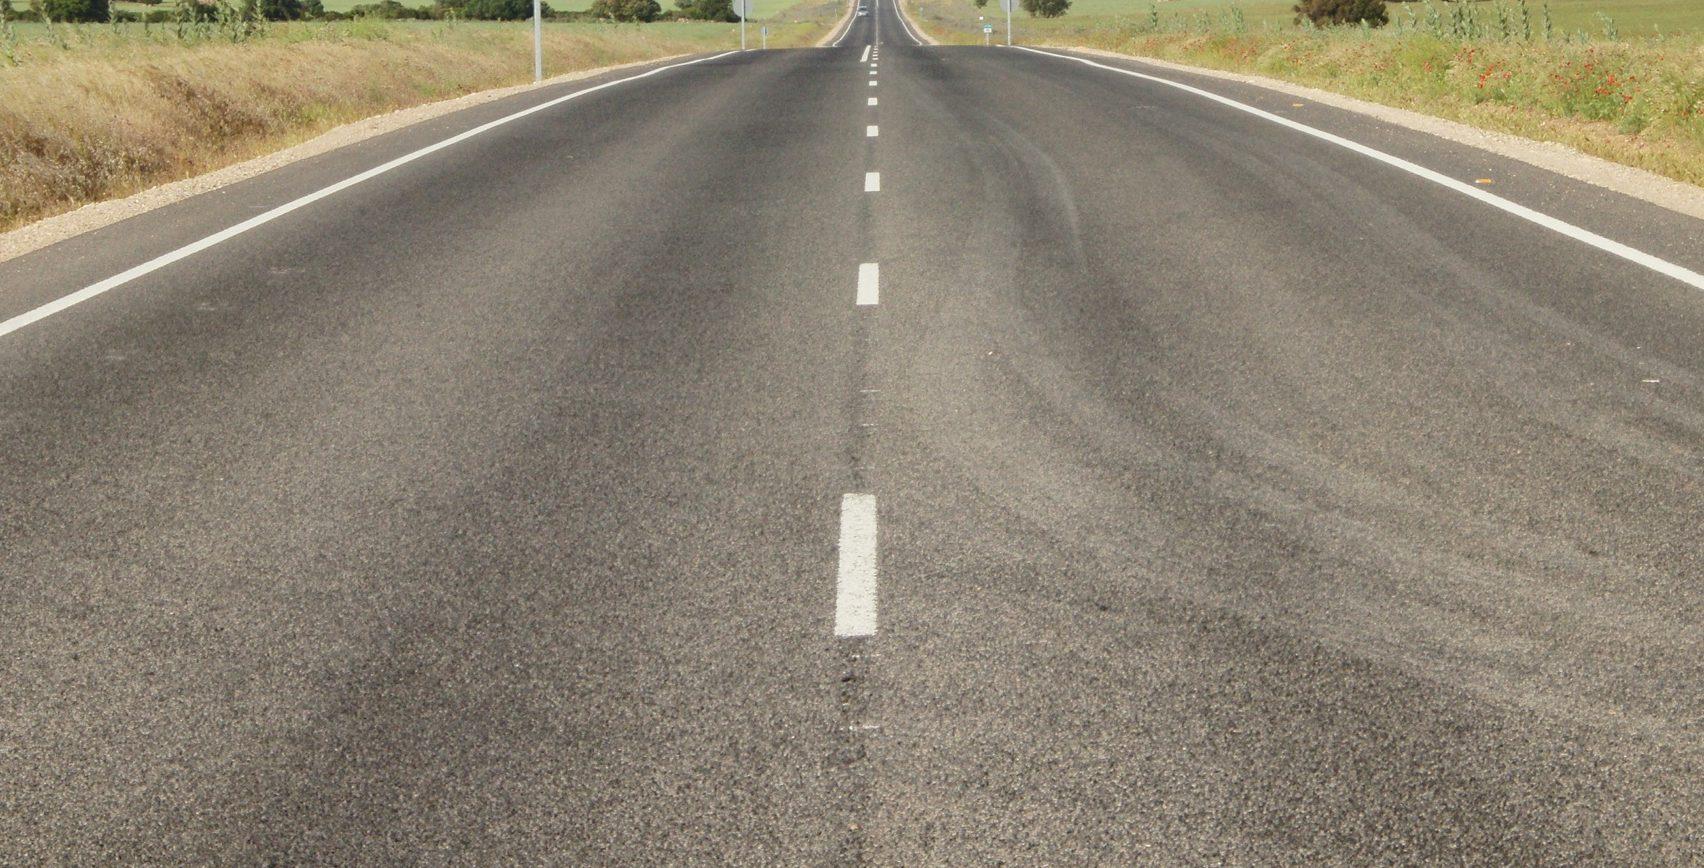 Piano strade regionale, al via i lavori nei primi cento cantieri